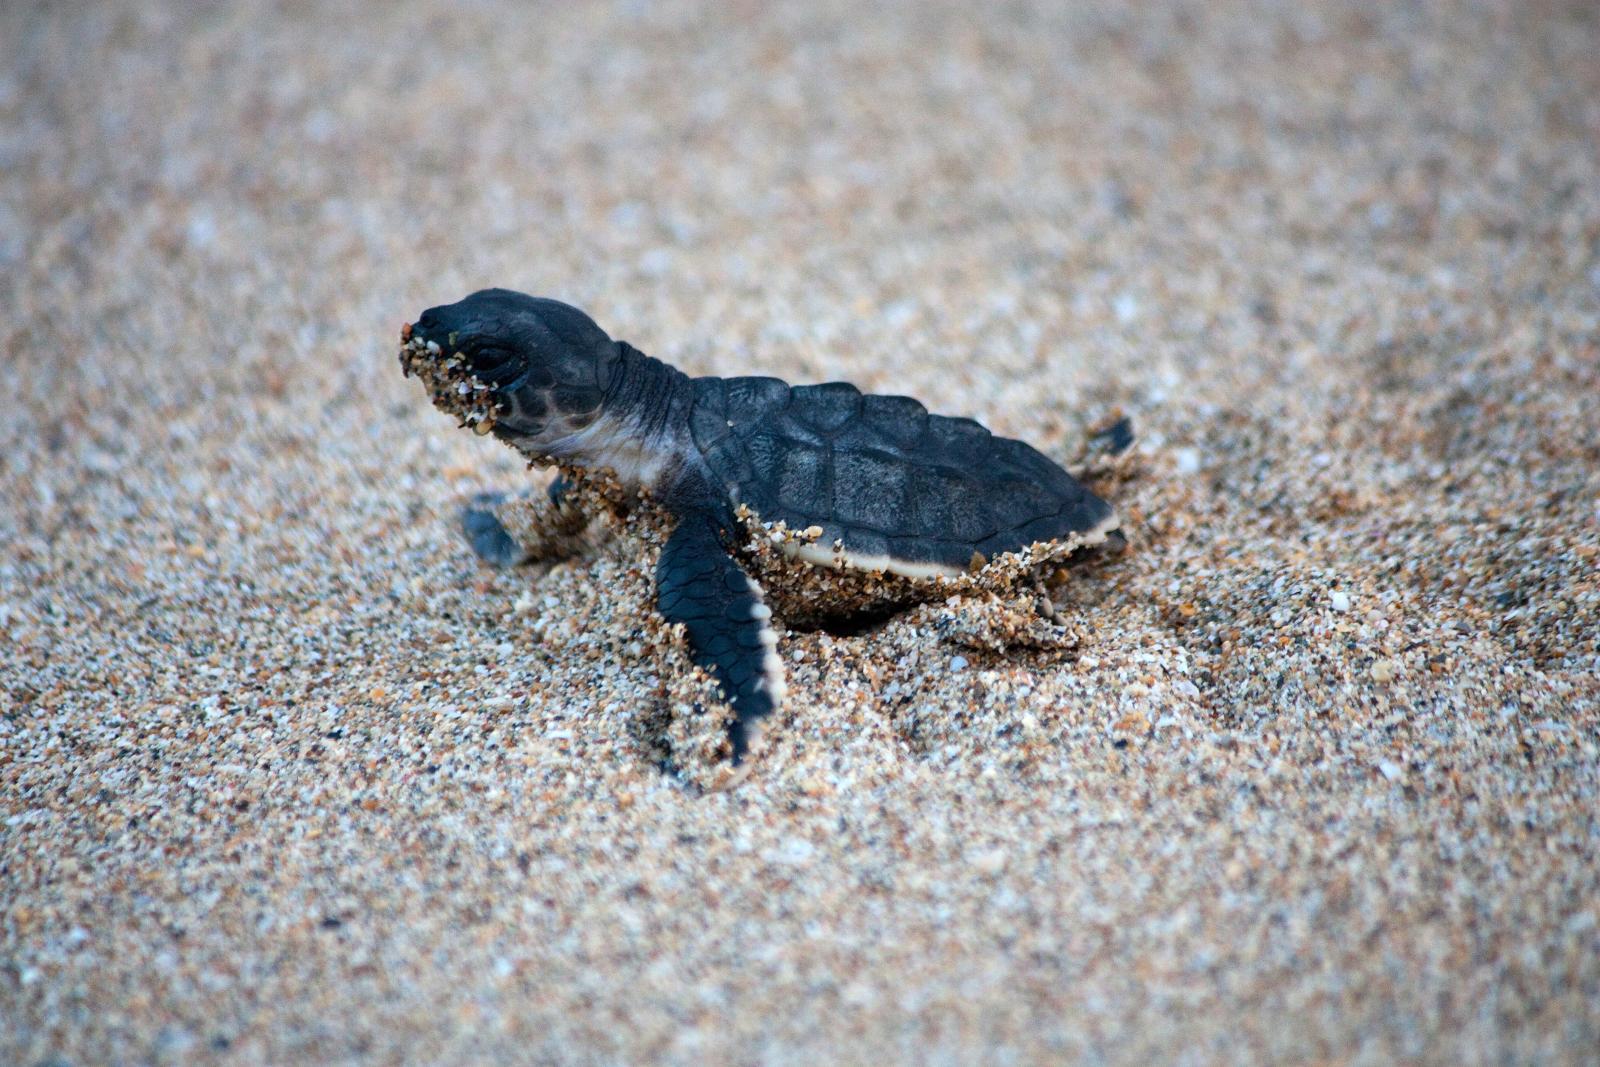 Description Oman-Young turtle.jpg